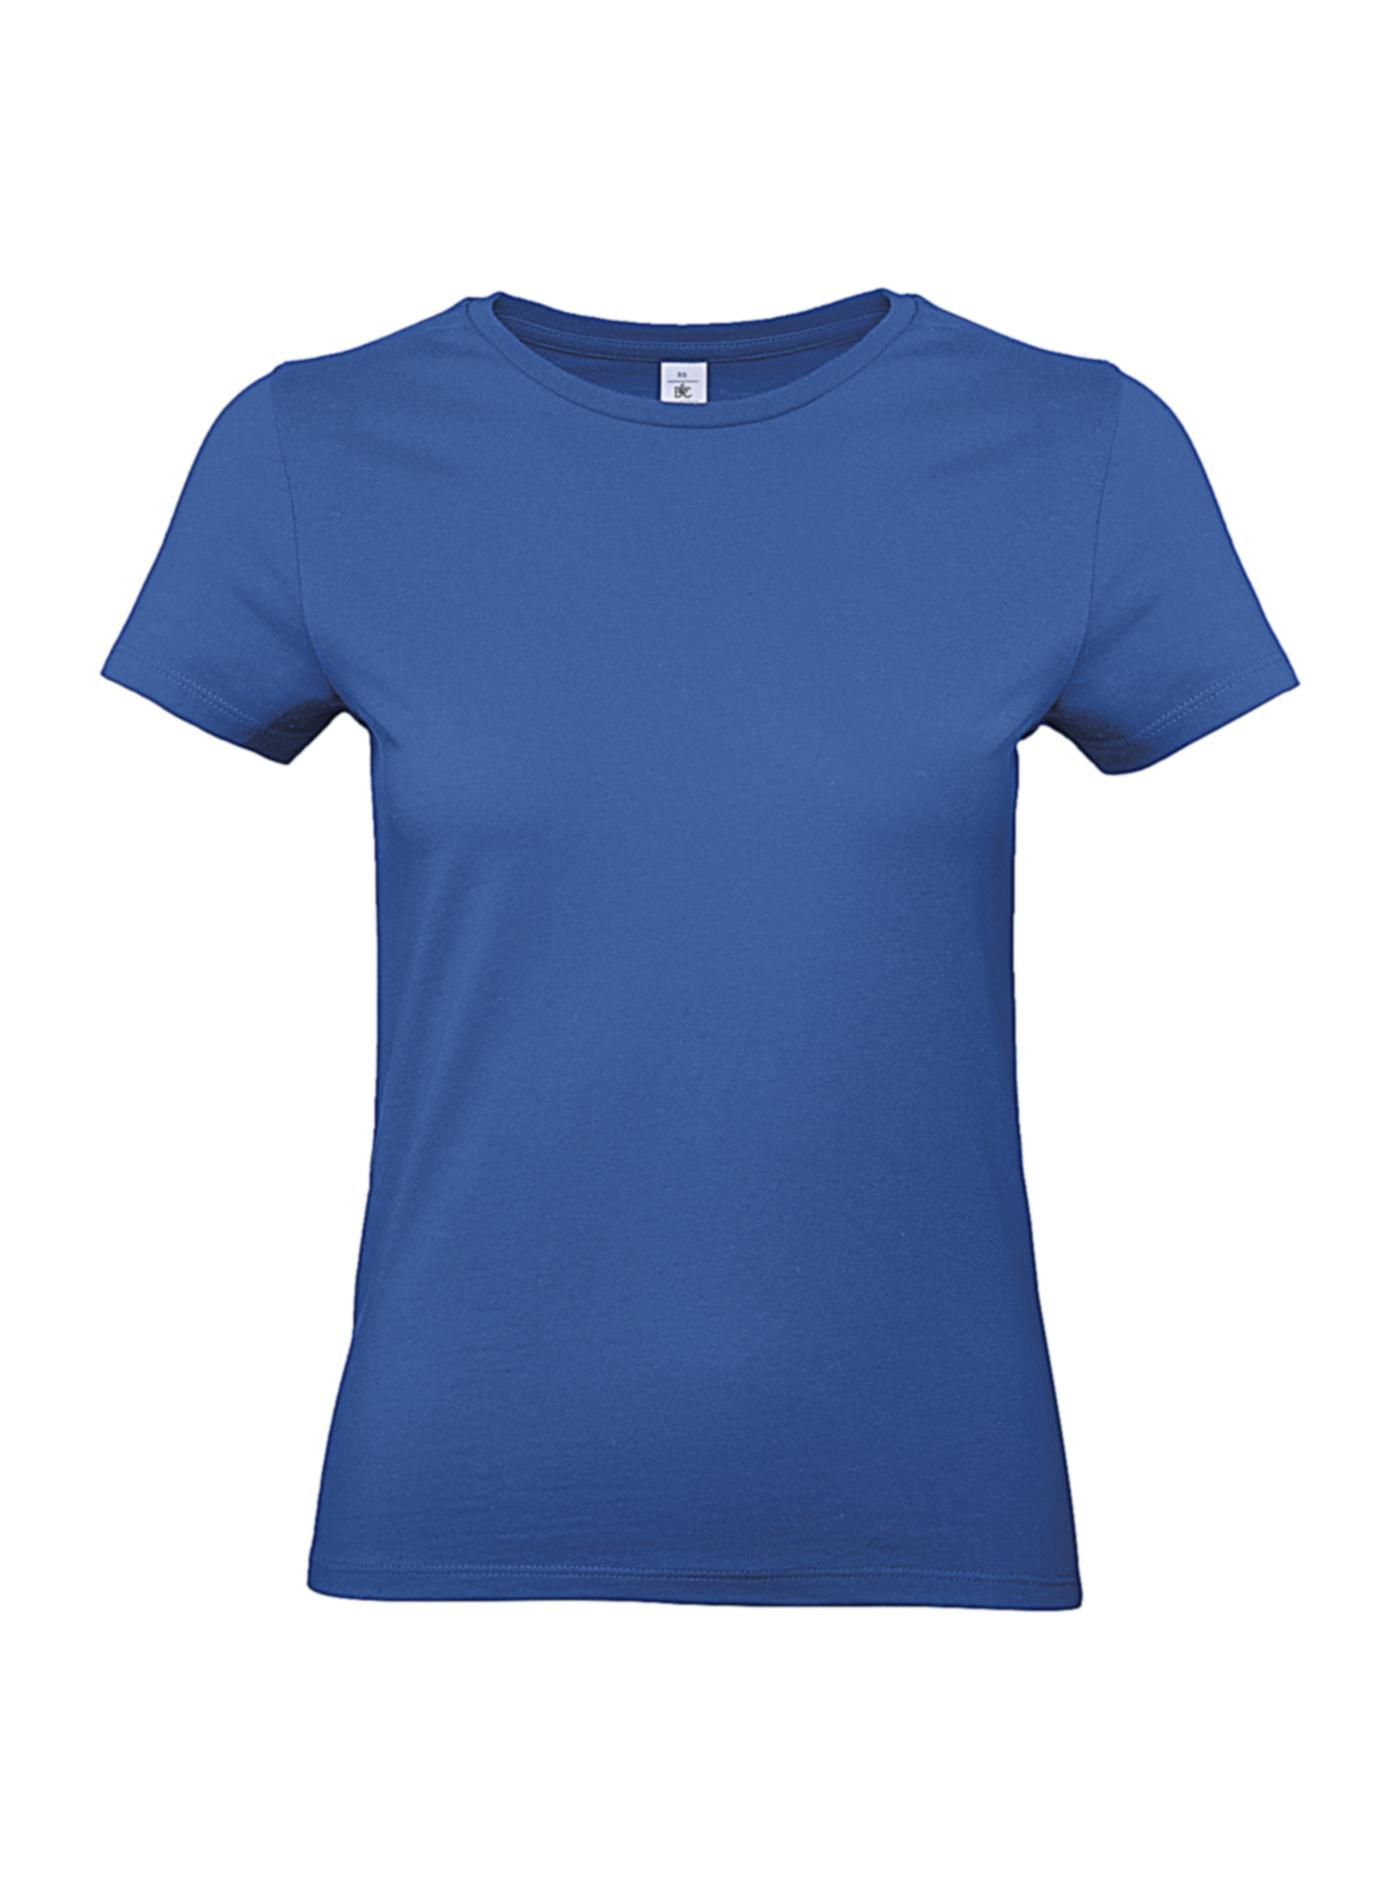 Silnější bavlněné dámské tričko - královská modrá XXL